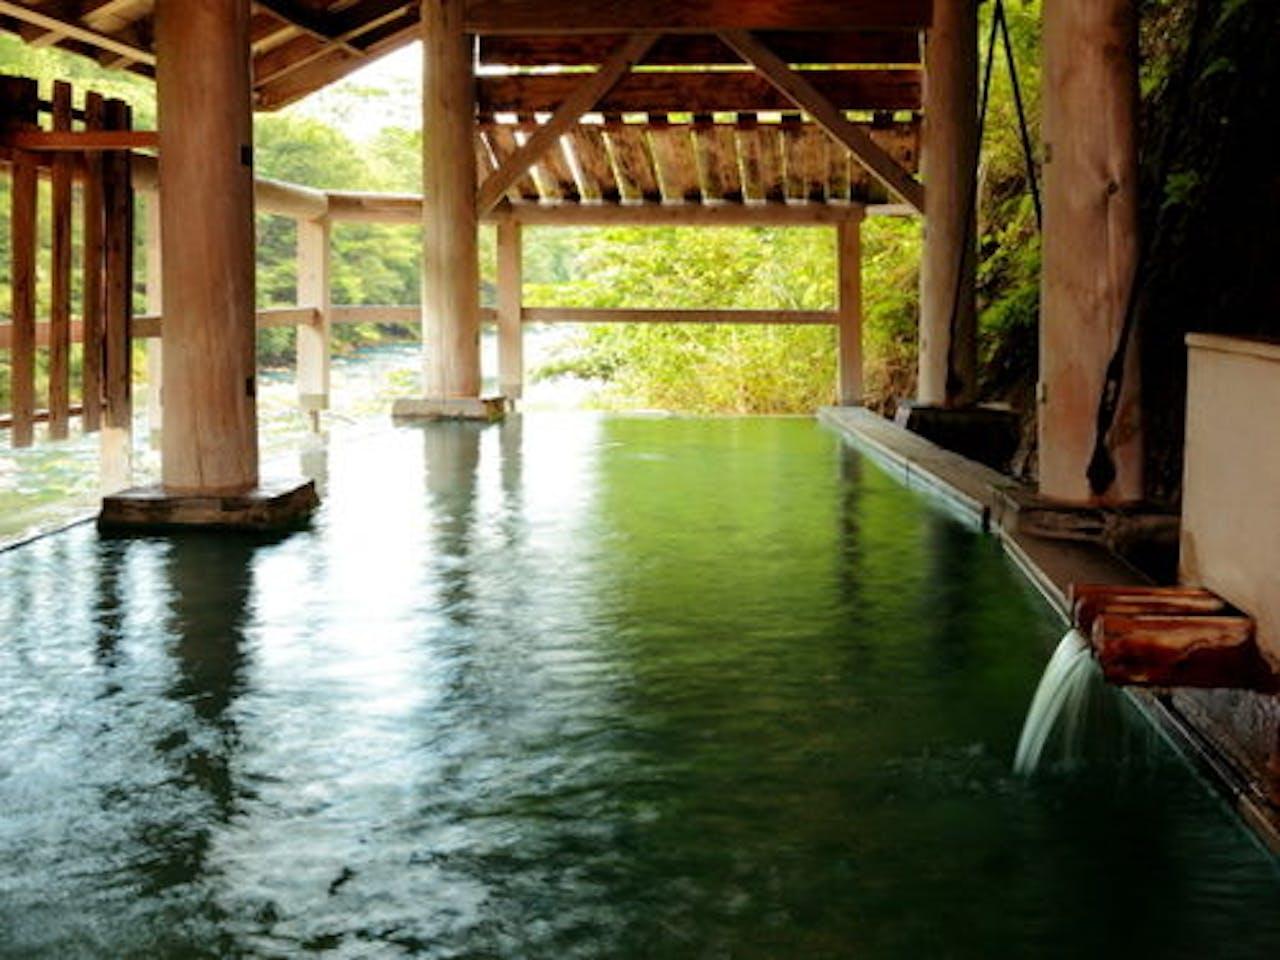 【河原の湯】名取川を眼下に愉しむ秘湯処